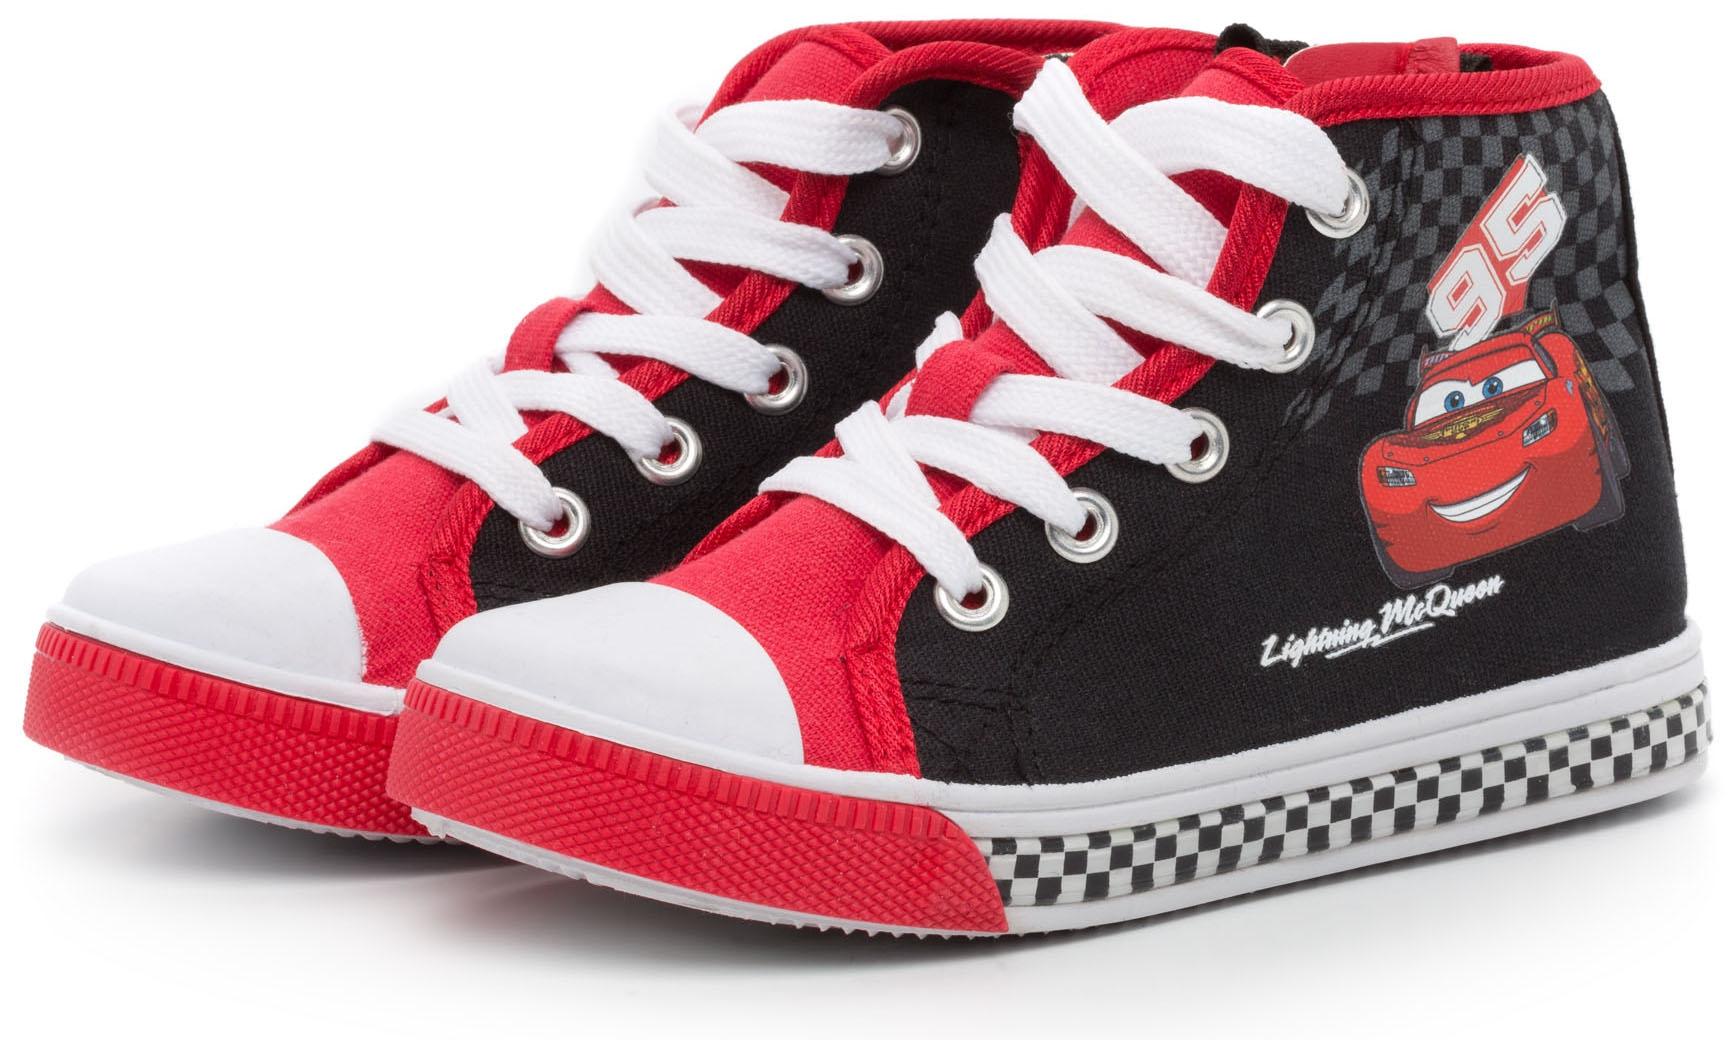 все цены на Кроссовки и кеды DISNEY CARS 2 Ботинки для мальчика Disney cars 2, черно-красные